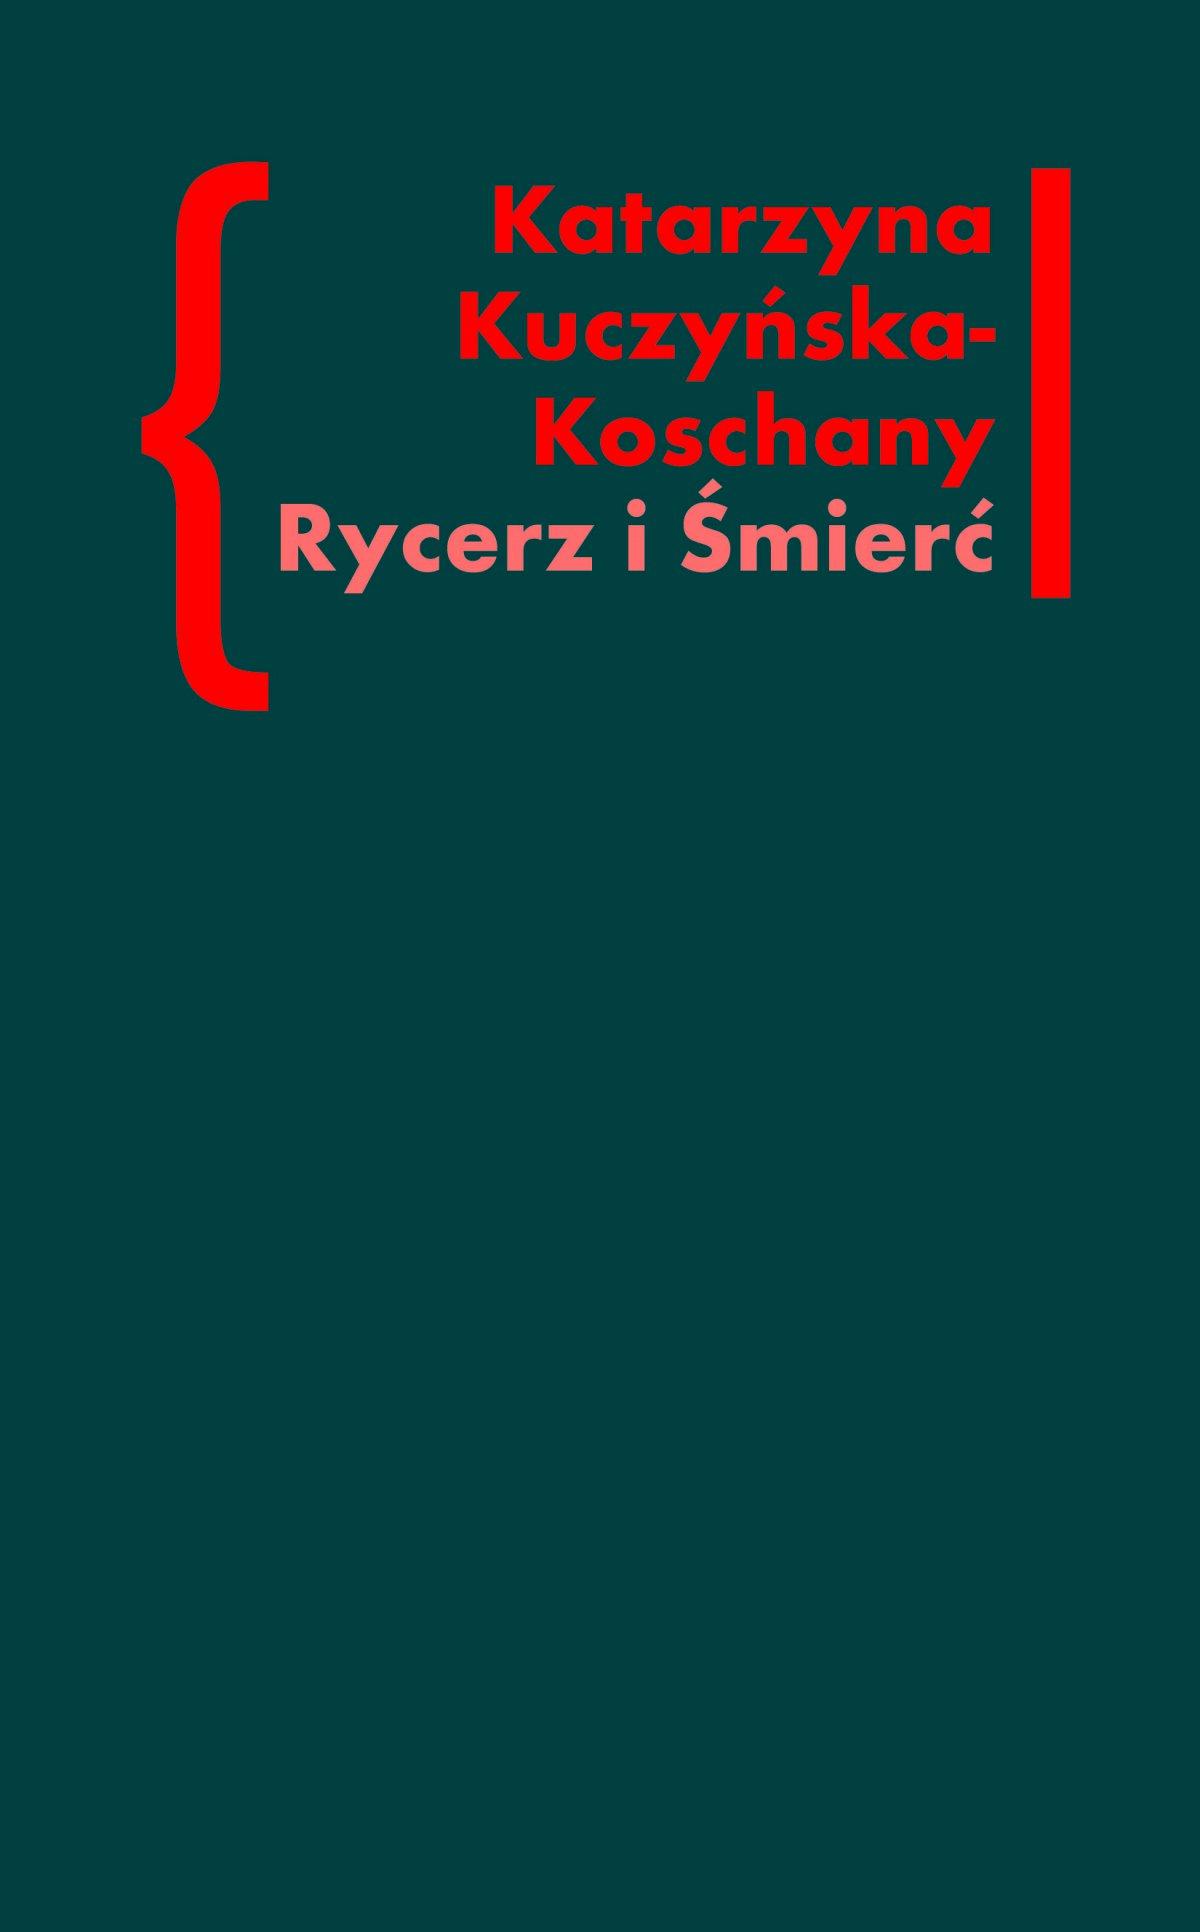 """Rycerz i Śmierć. O """"Elegiach duinejskich"""" Rainera Marii Rilkego - Ebook (Książka na Kindle) do pobrania w formacie MOBI"""